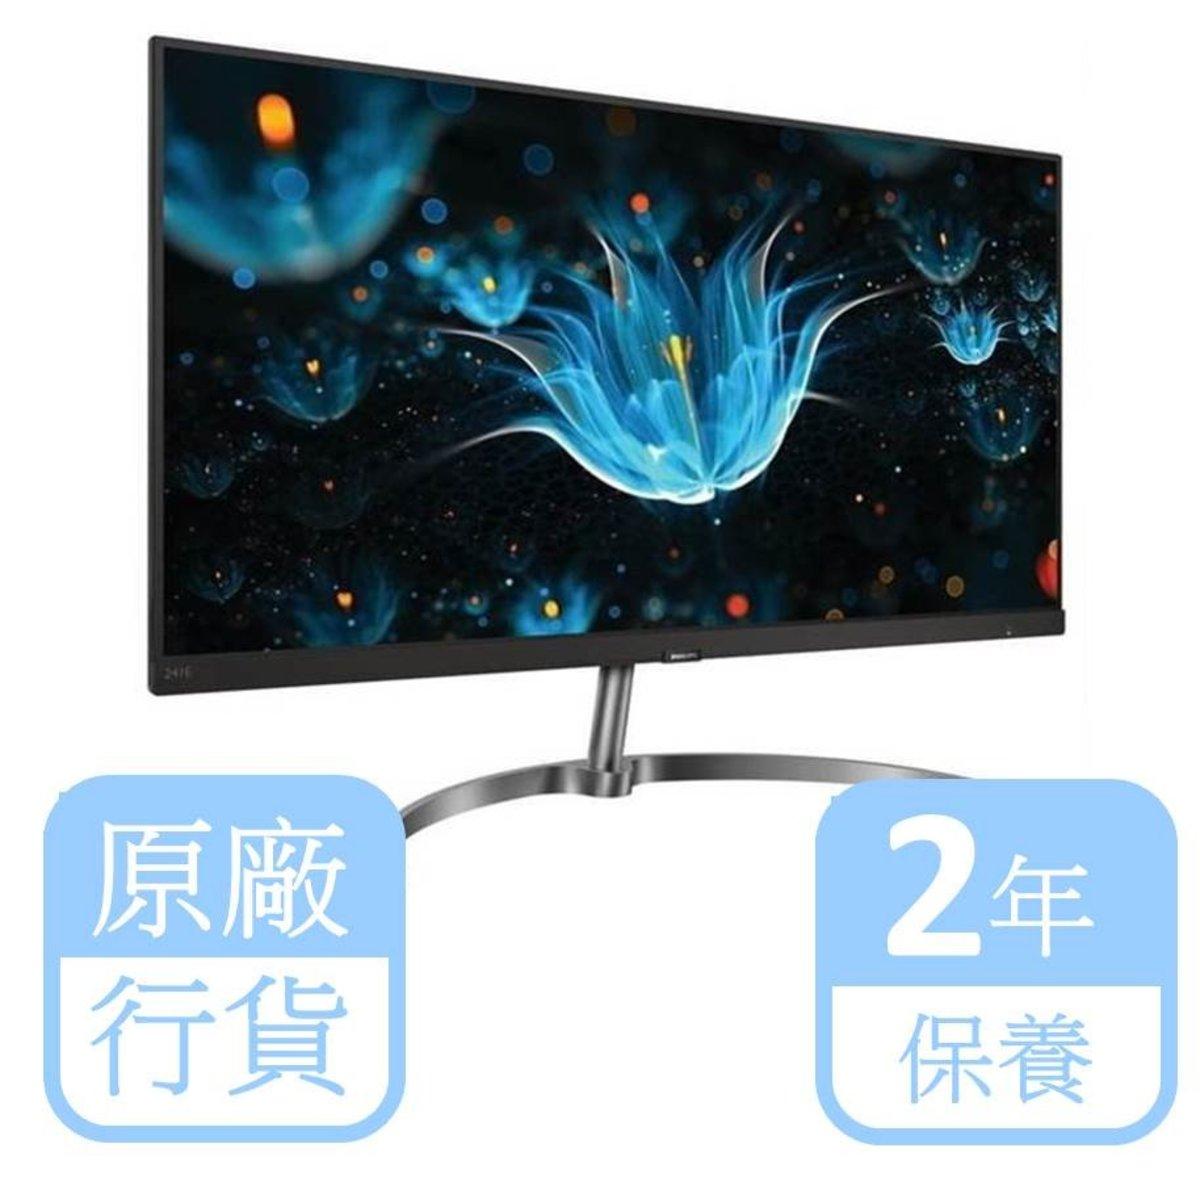 24吋 超薄無邊 雙HDMI 顯示器 241E9